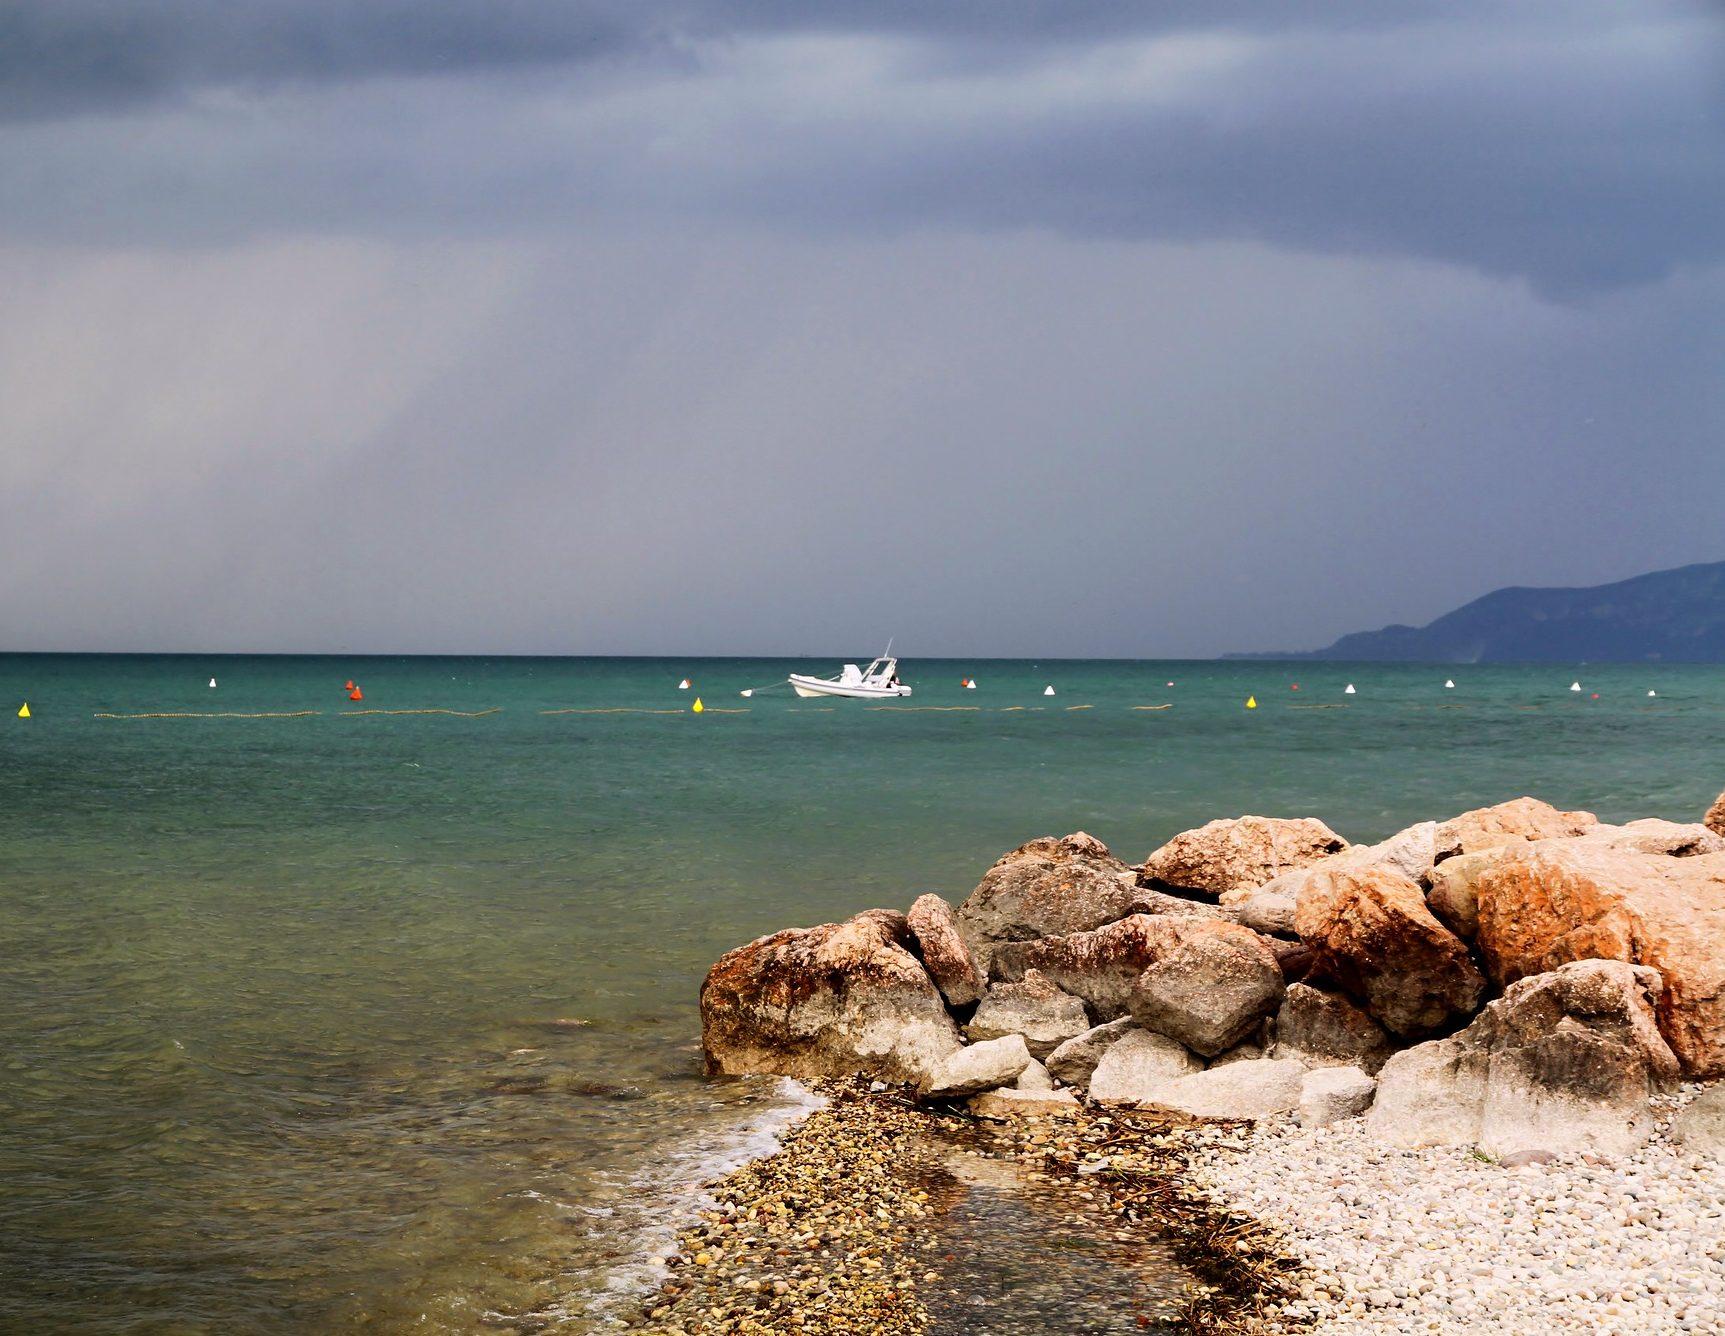 lago di garda spiagge attrezzate